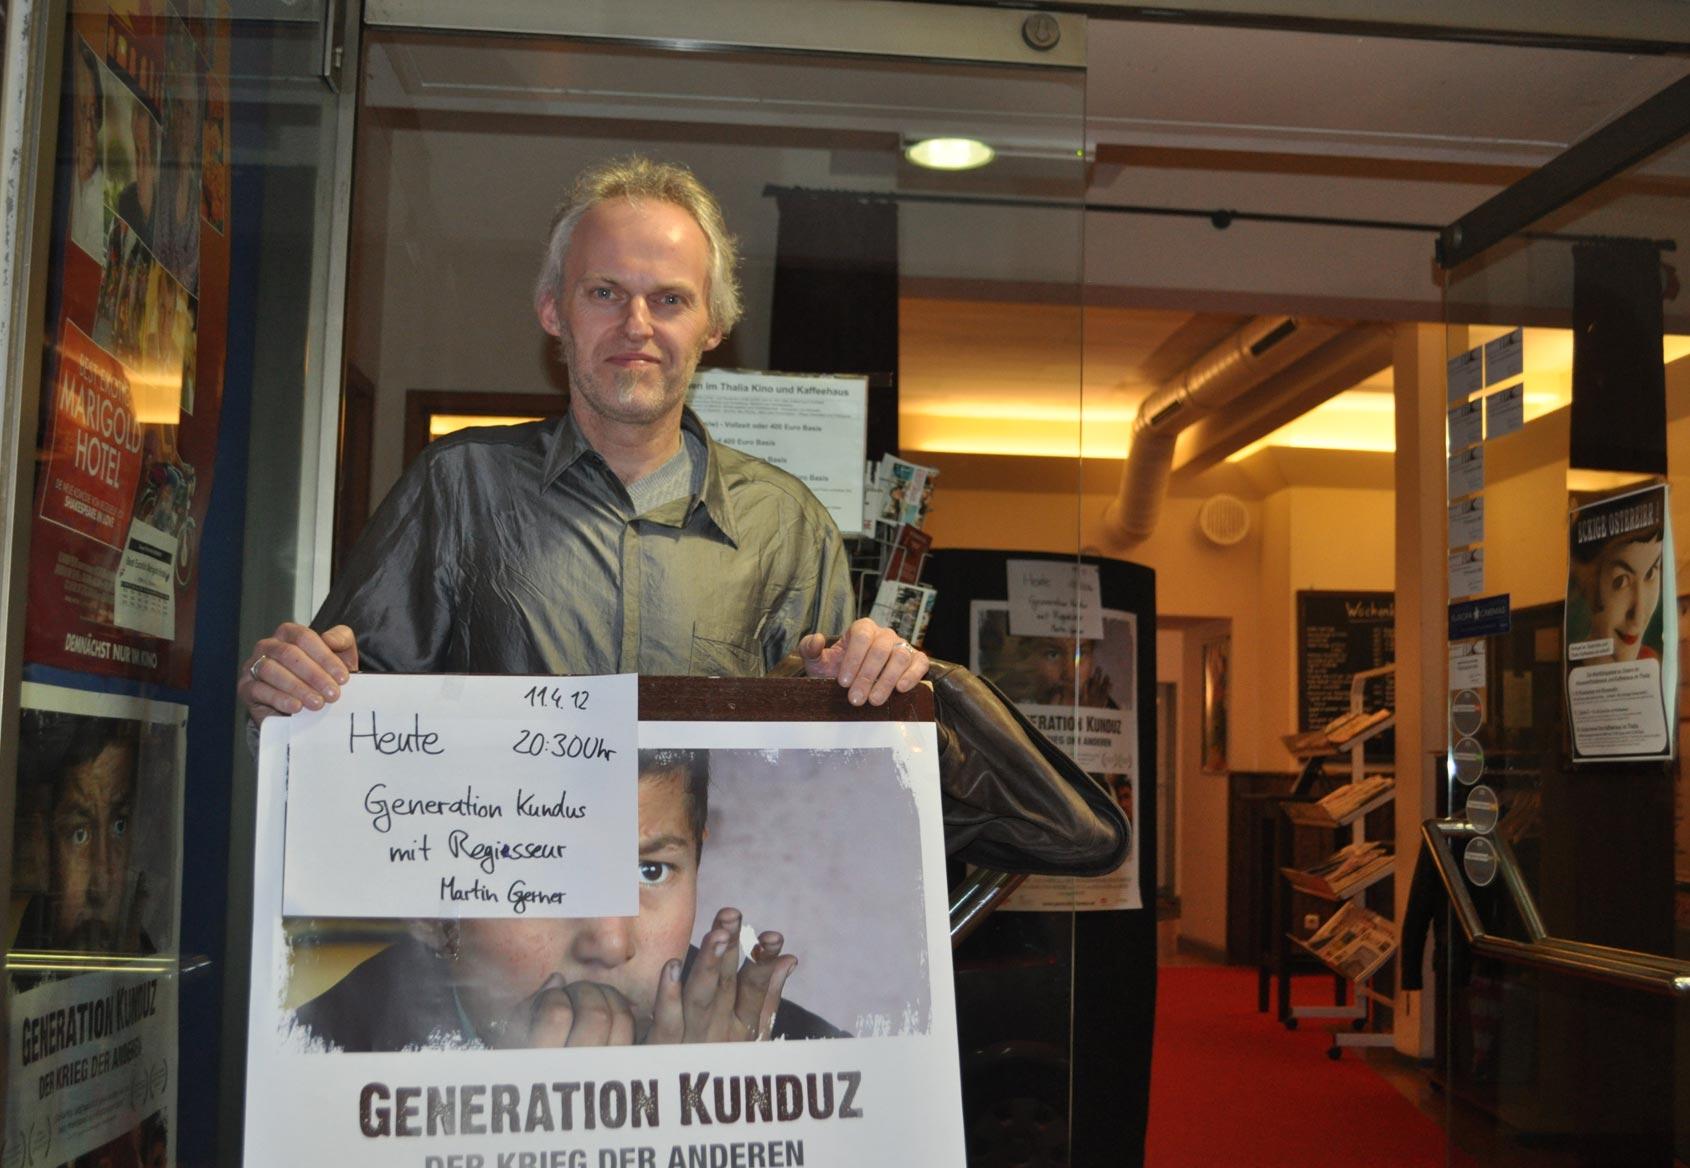 GENERATION KUNDUZ - Regisseur Martin Gerner zu Gast